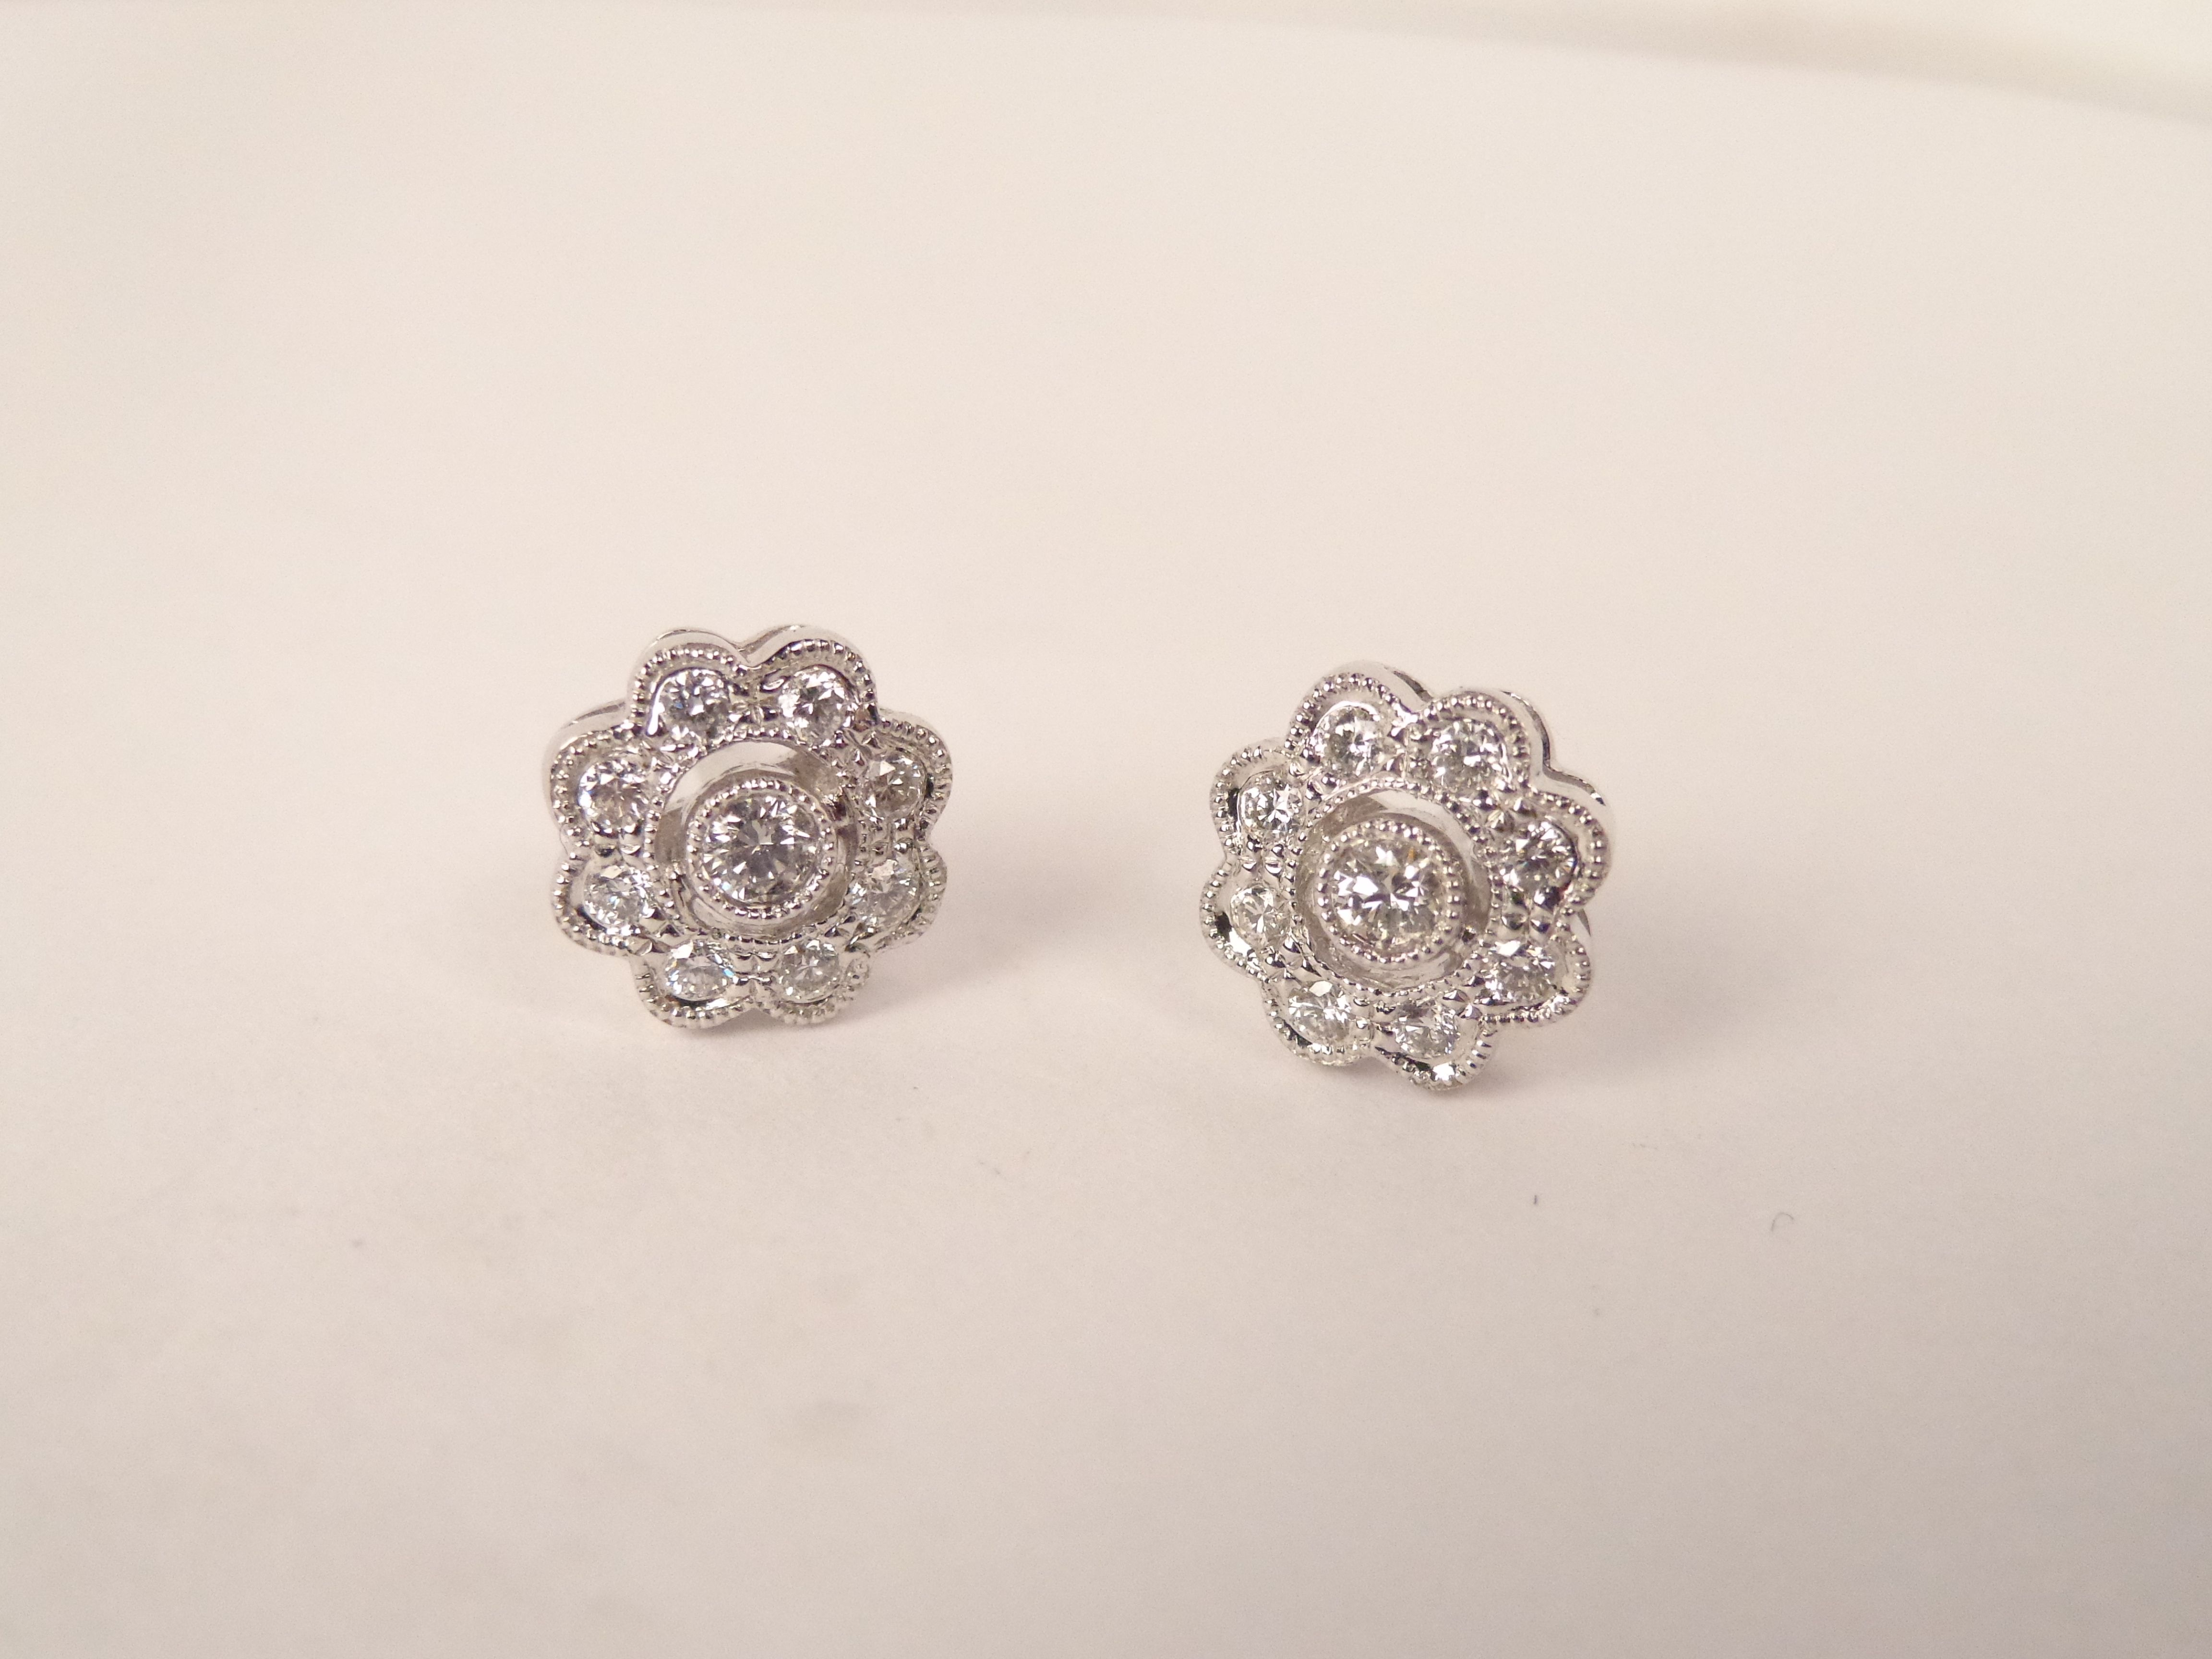 14K, .40 ct milgrained flower petal style earrings, $860, hhorwitz.com